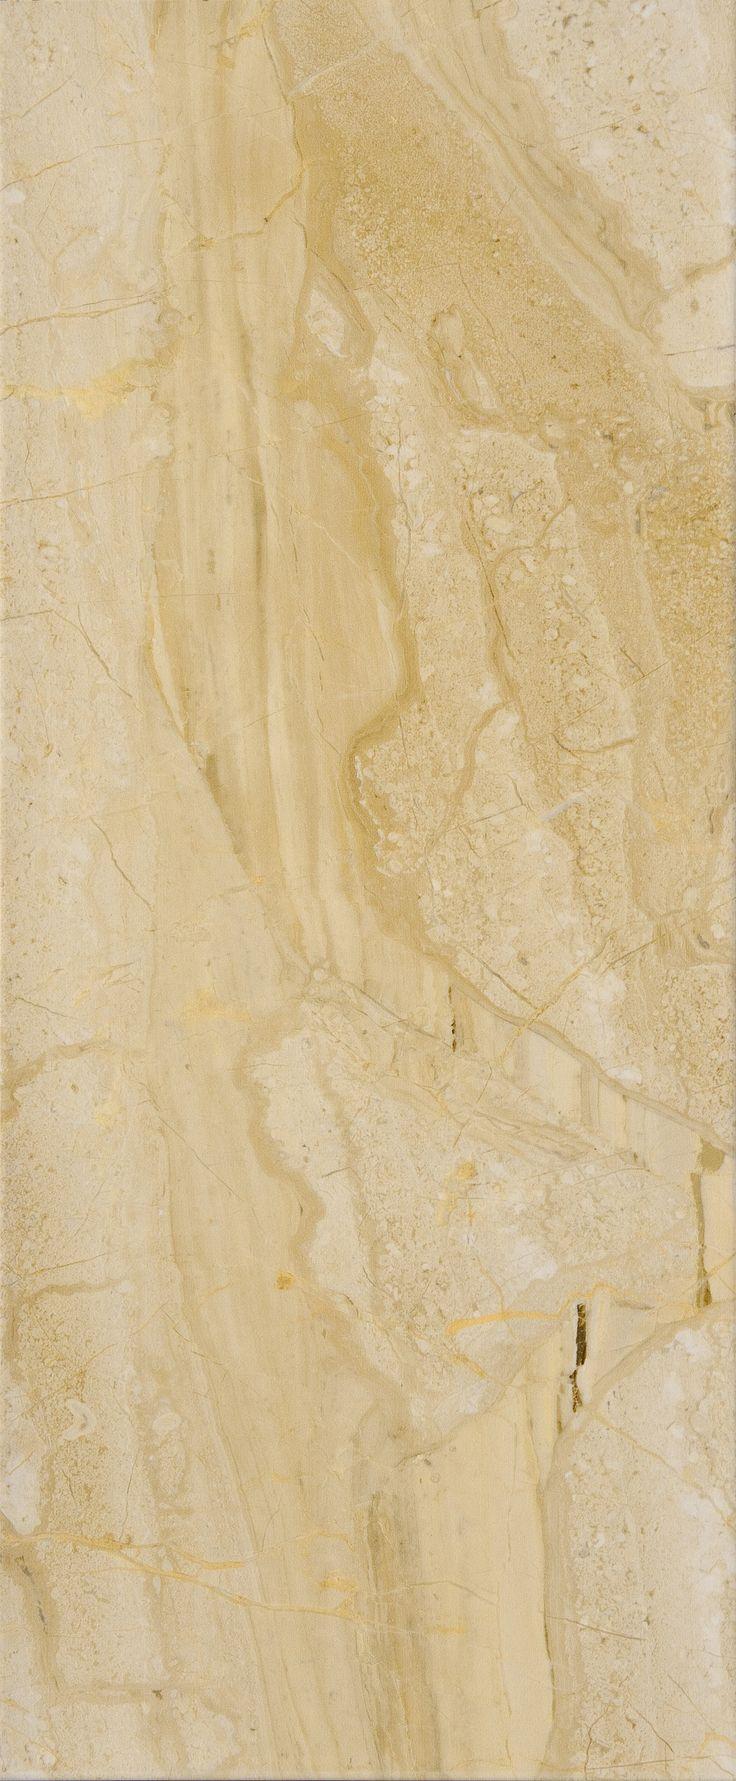 #Aparici #Luxury Consul Beige 31,6x75,6 Cm | #Porcelain Stoneware